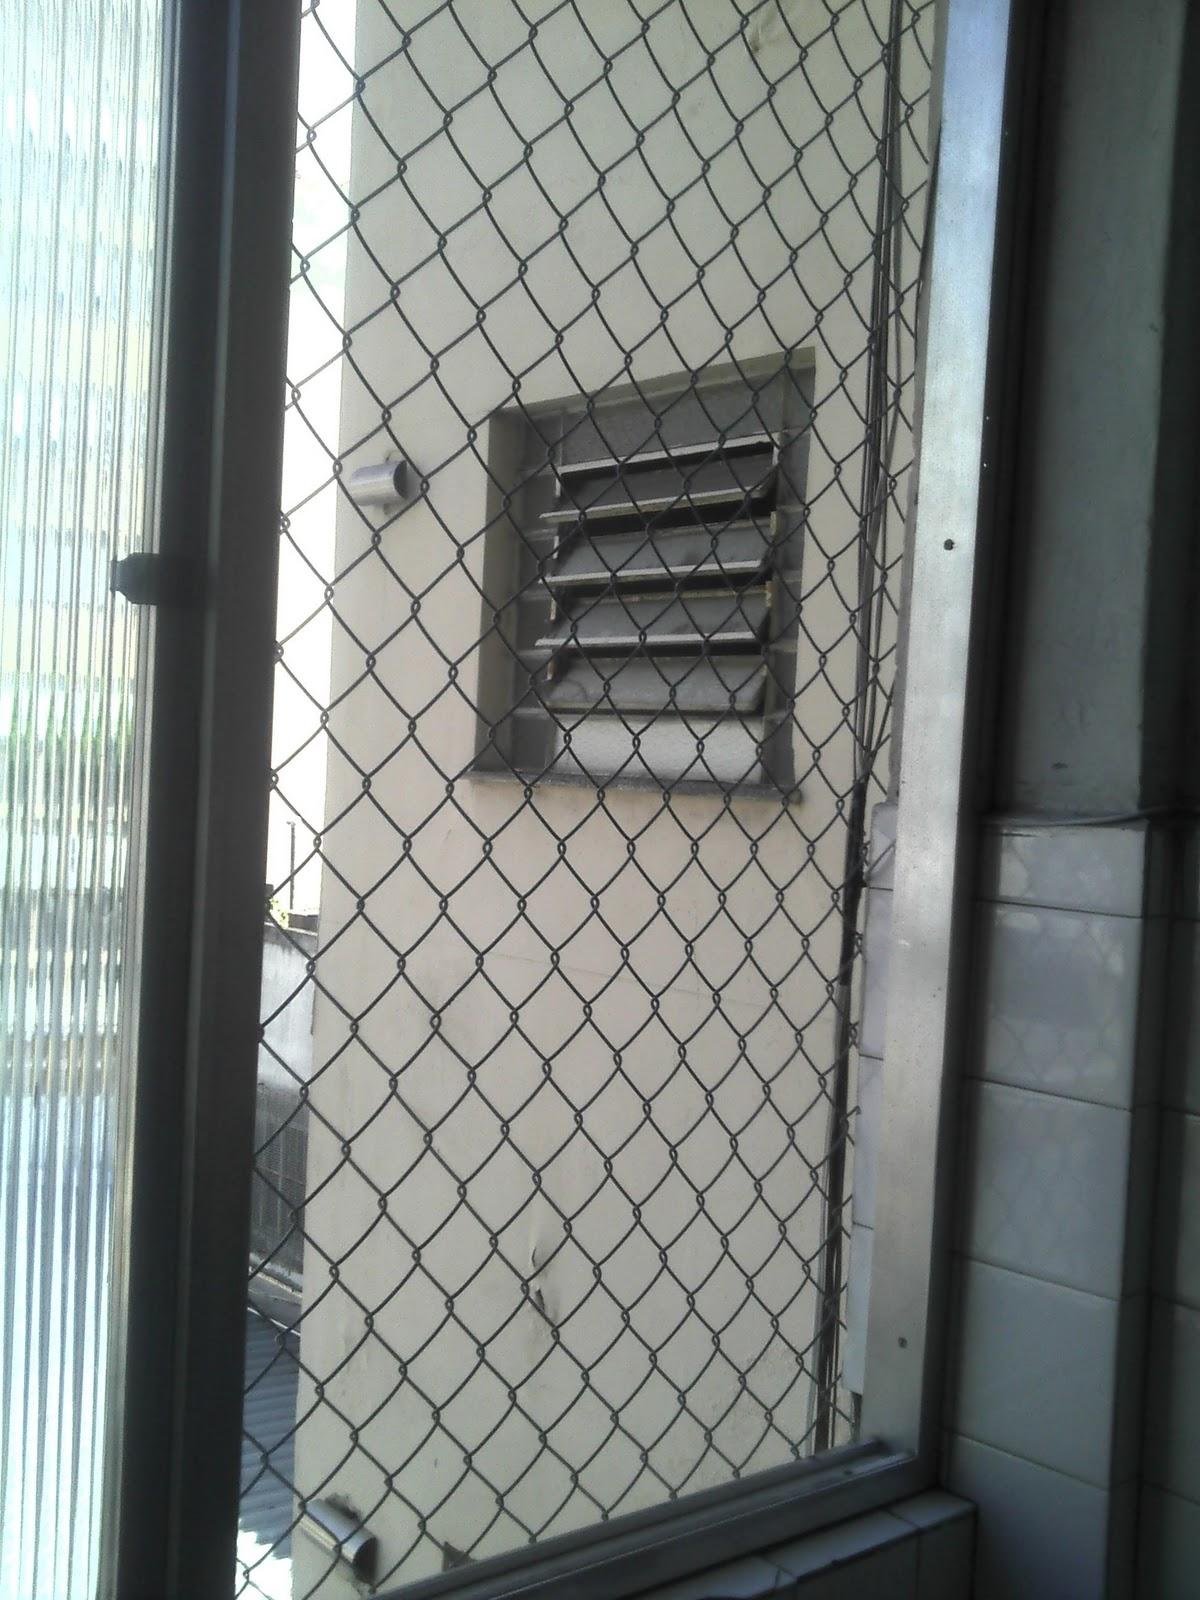 #527079  Tela Aramada Revestida em PVC para proteção de varandas e janelas 664 Janelas Pvc Orçamento